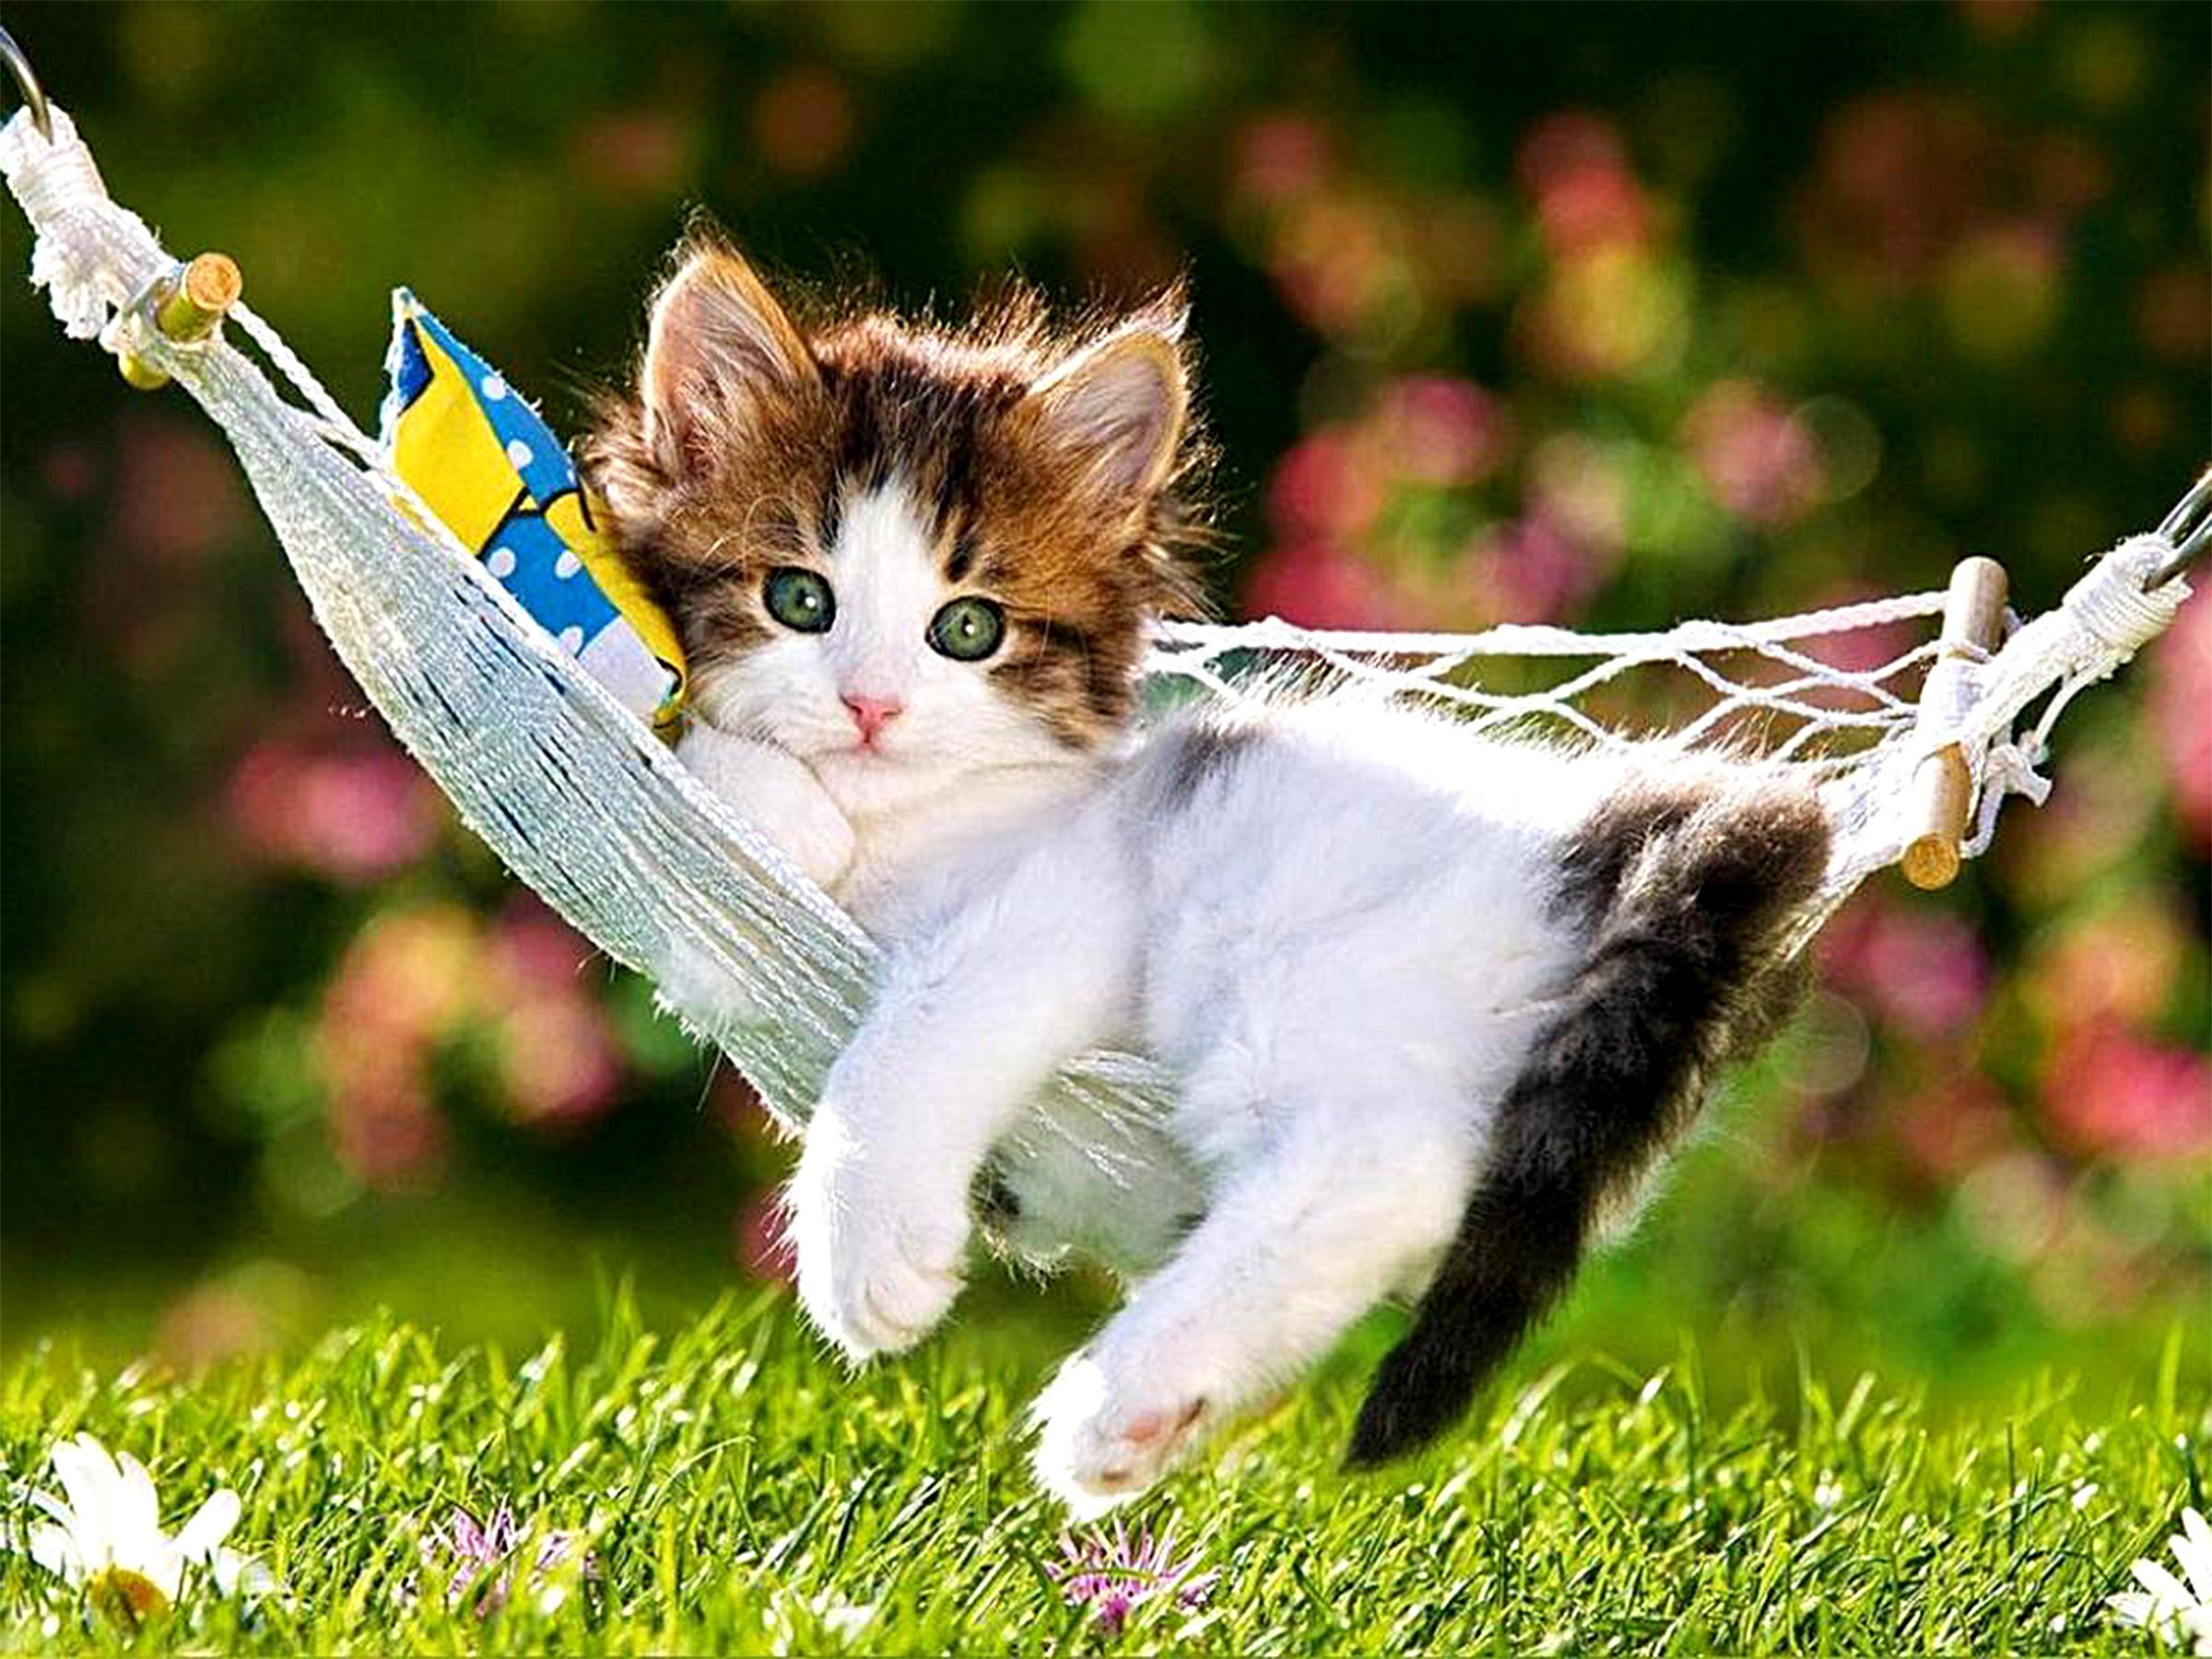 Res: 2400x1800, Animal - Cat Animal Grass Hammock Cute Kitten Wallpaper